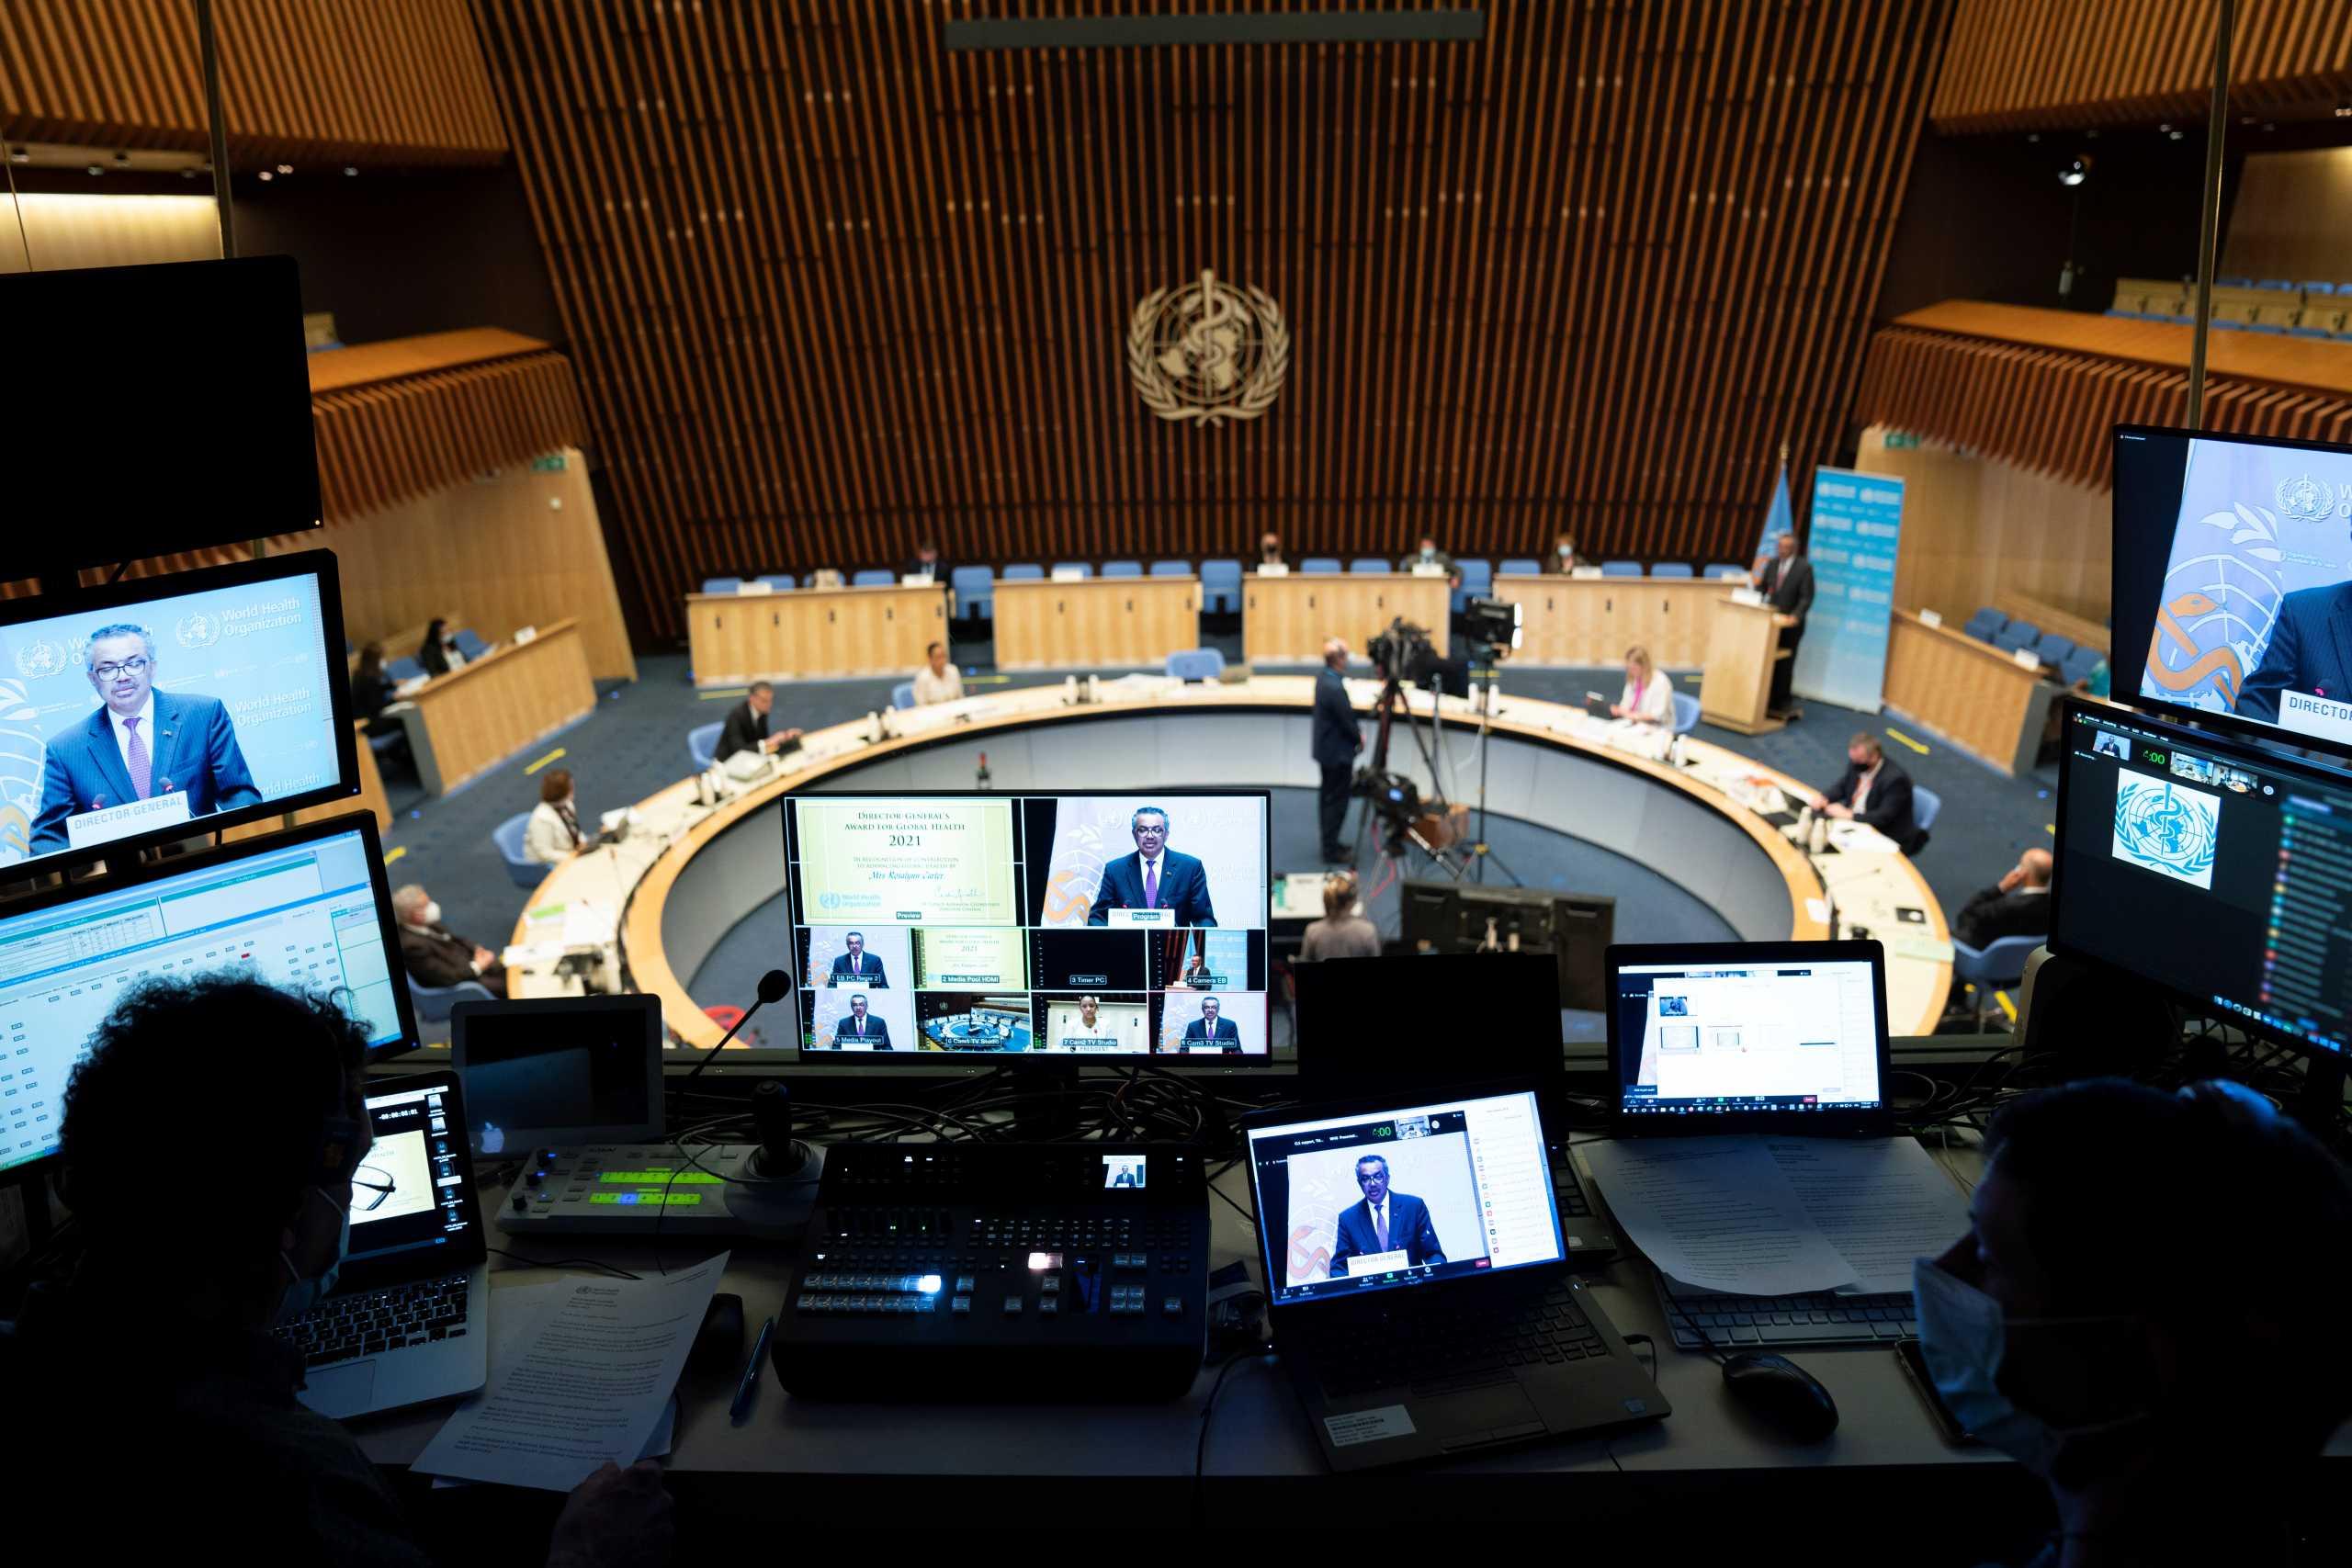 Διάσκεψη ΠΟΥ: Σκέψεις για μια νέα συνθήκη για την αντιμετώπιση των πανδημιών